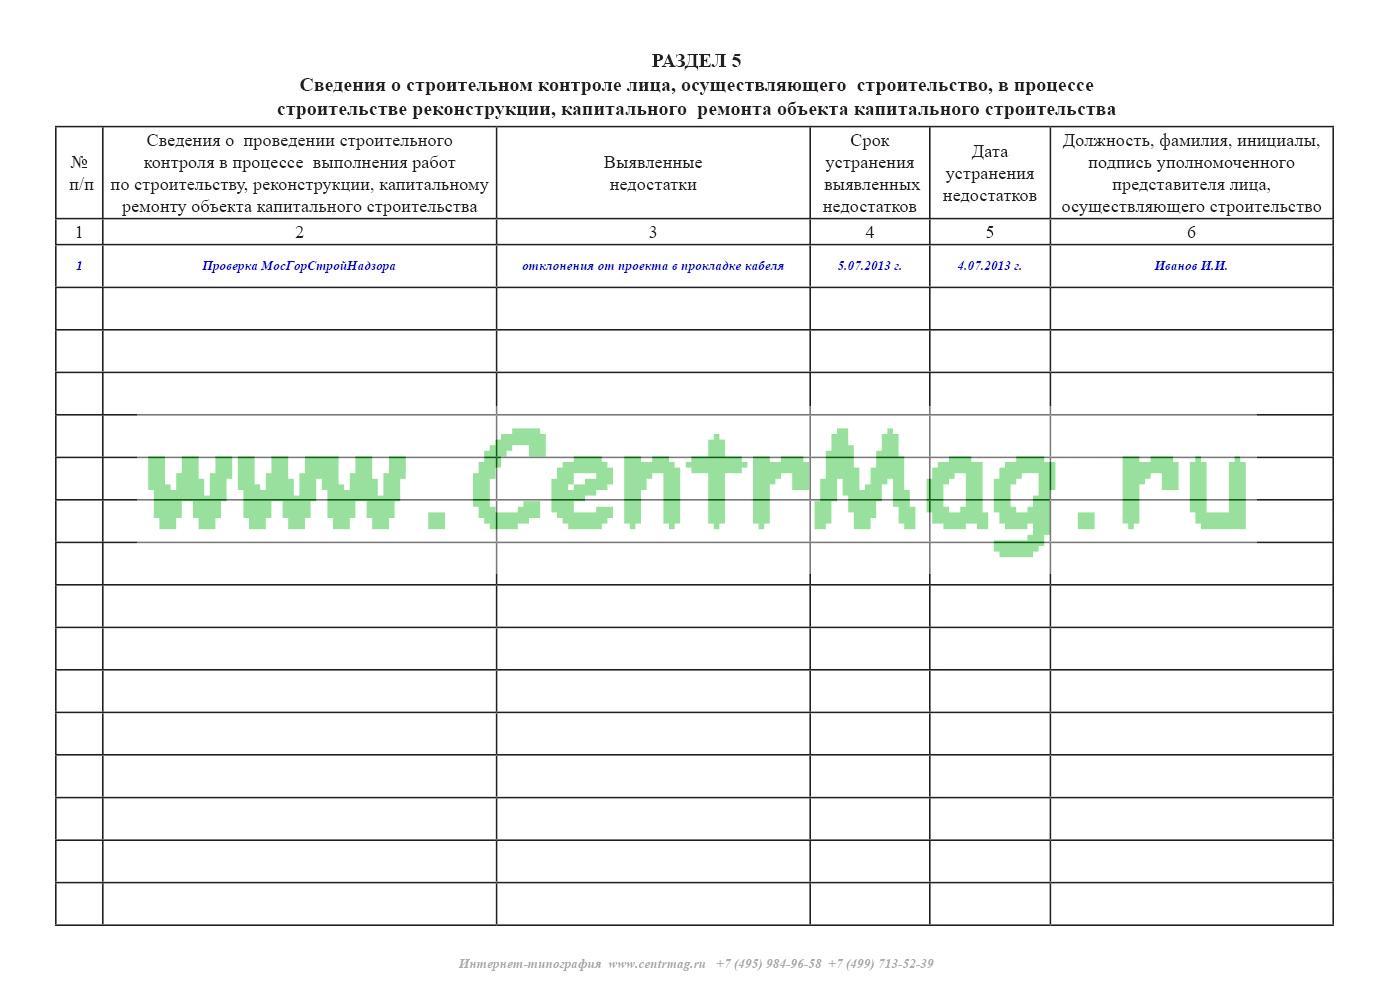 Журнал производства земляных работ рд 39-00147105-015-98